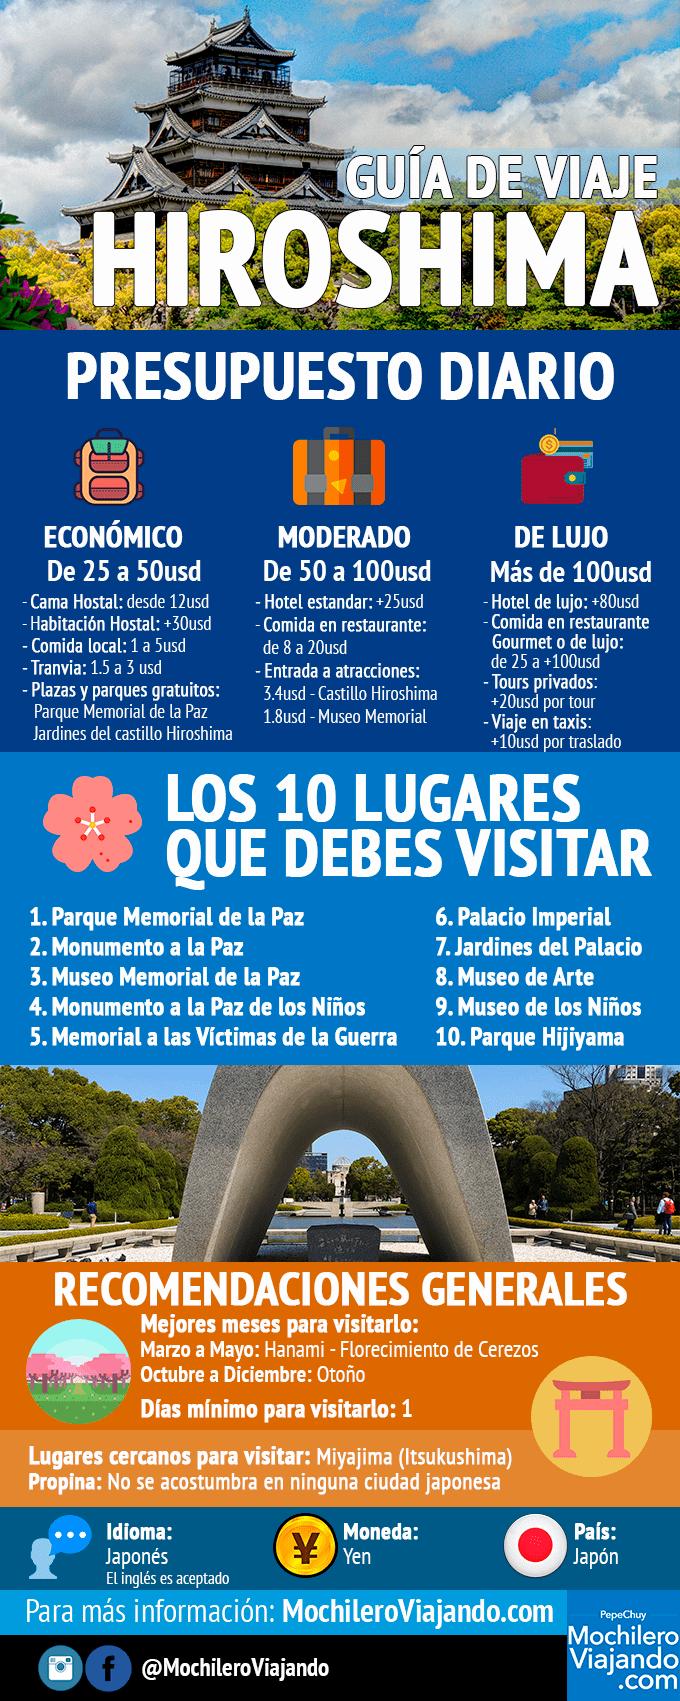 Hiroshima: Guía de viaje #infografia #infographic #tourism